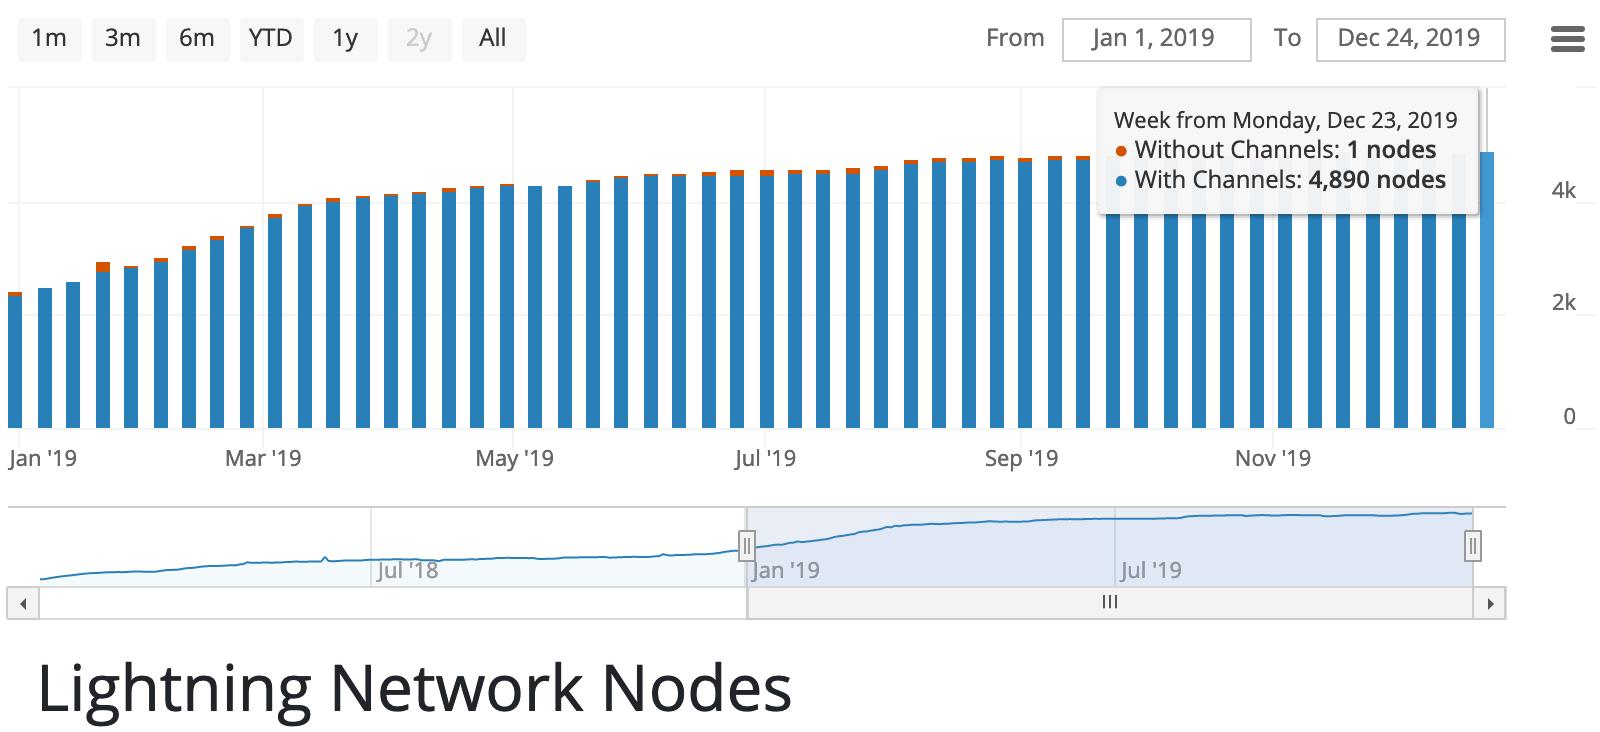 LN nodes | Source: Bitcoin Visuals